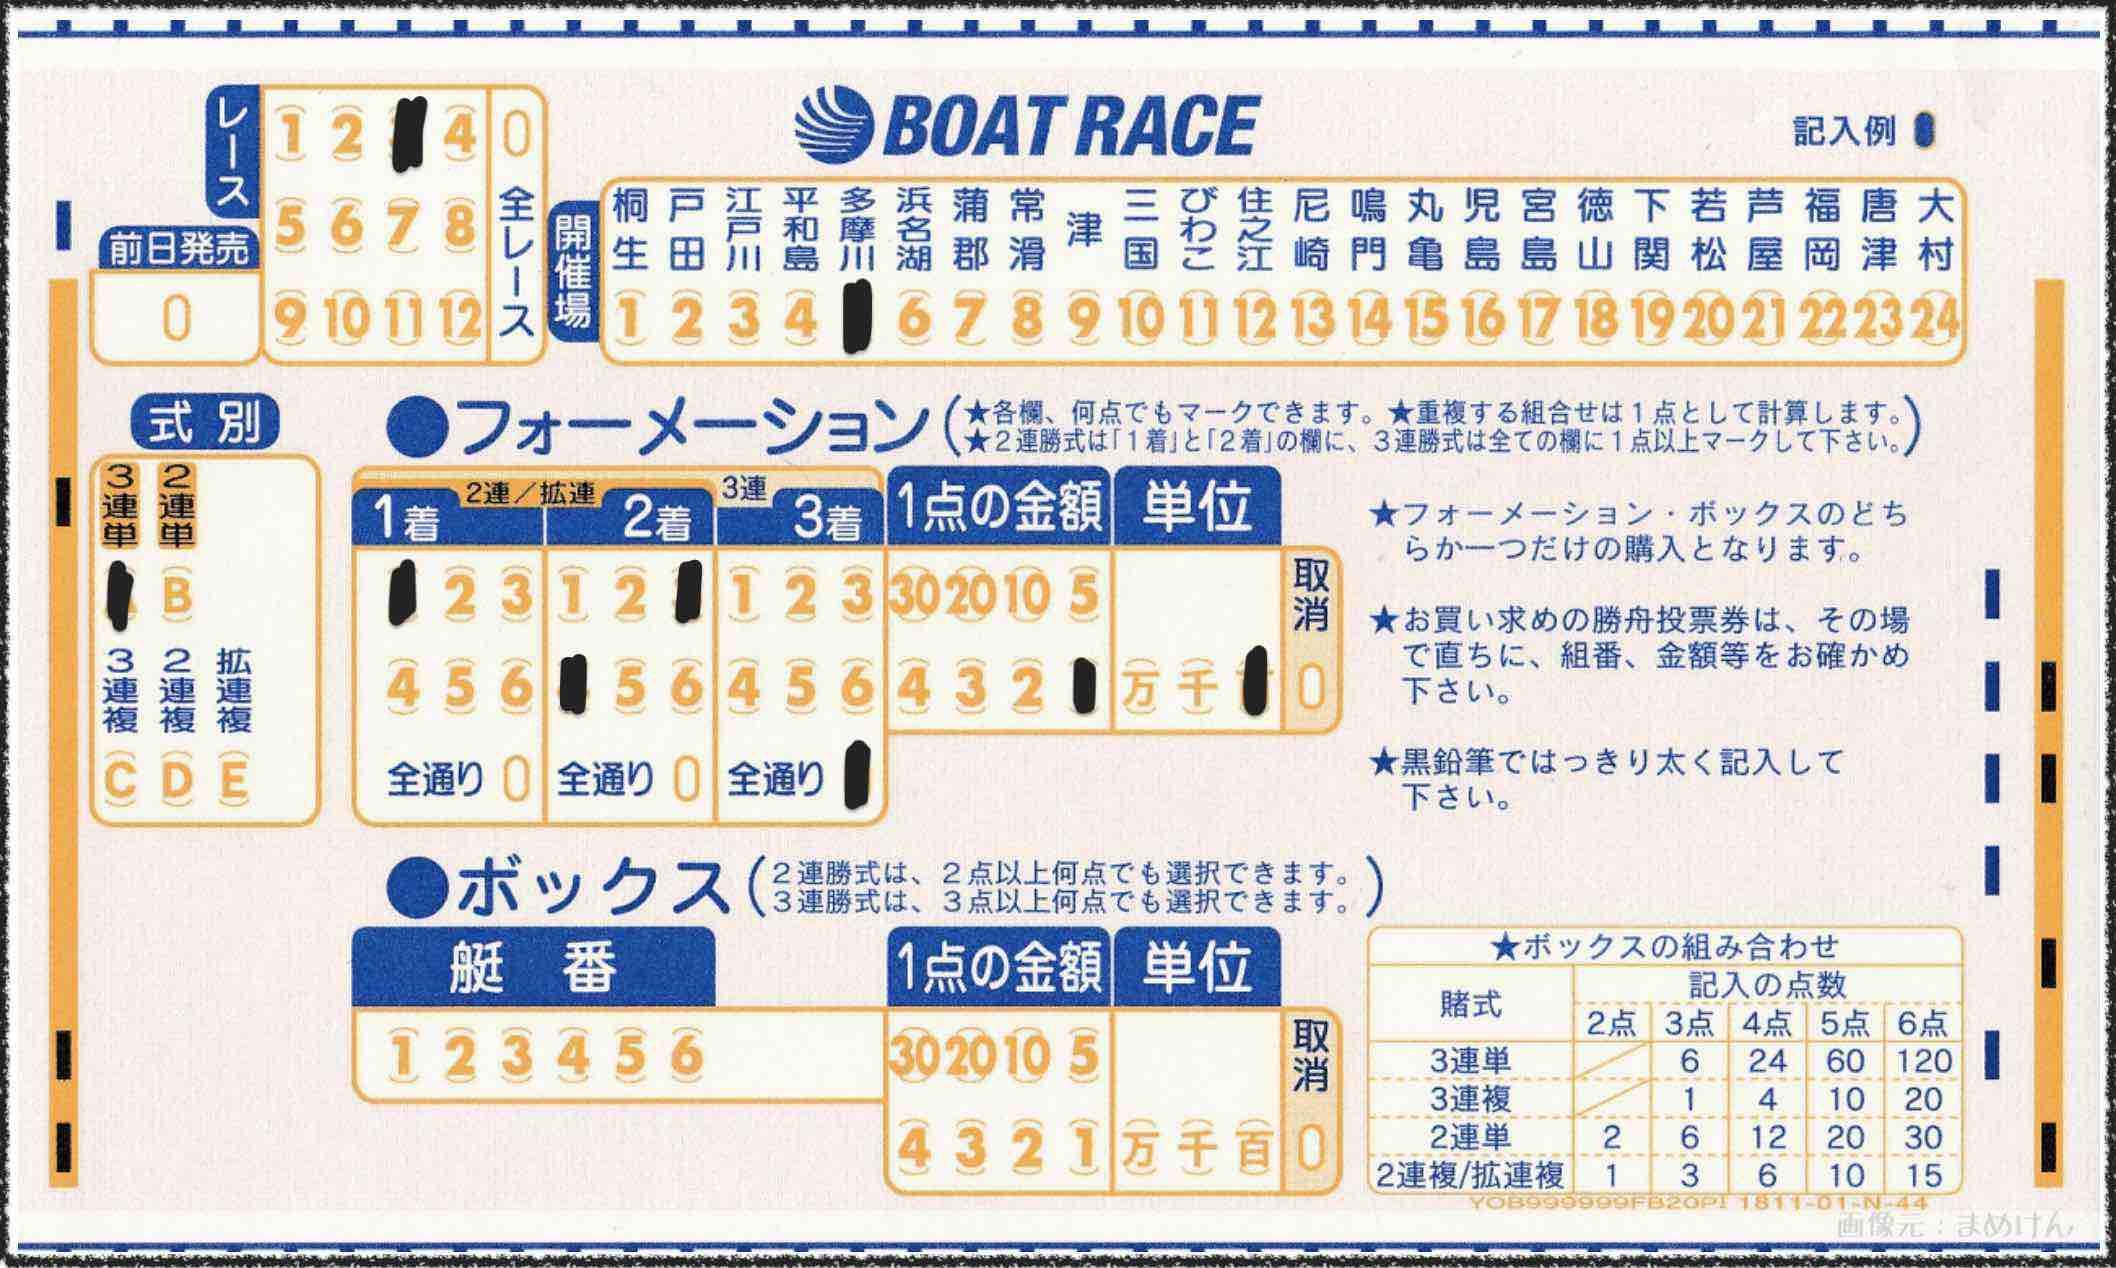 競艇ボートレースの舟券購入に使うマークシートの書き方、流し買い